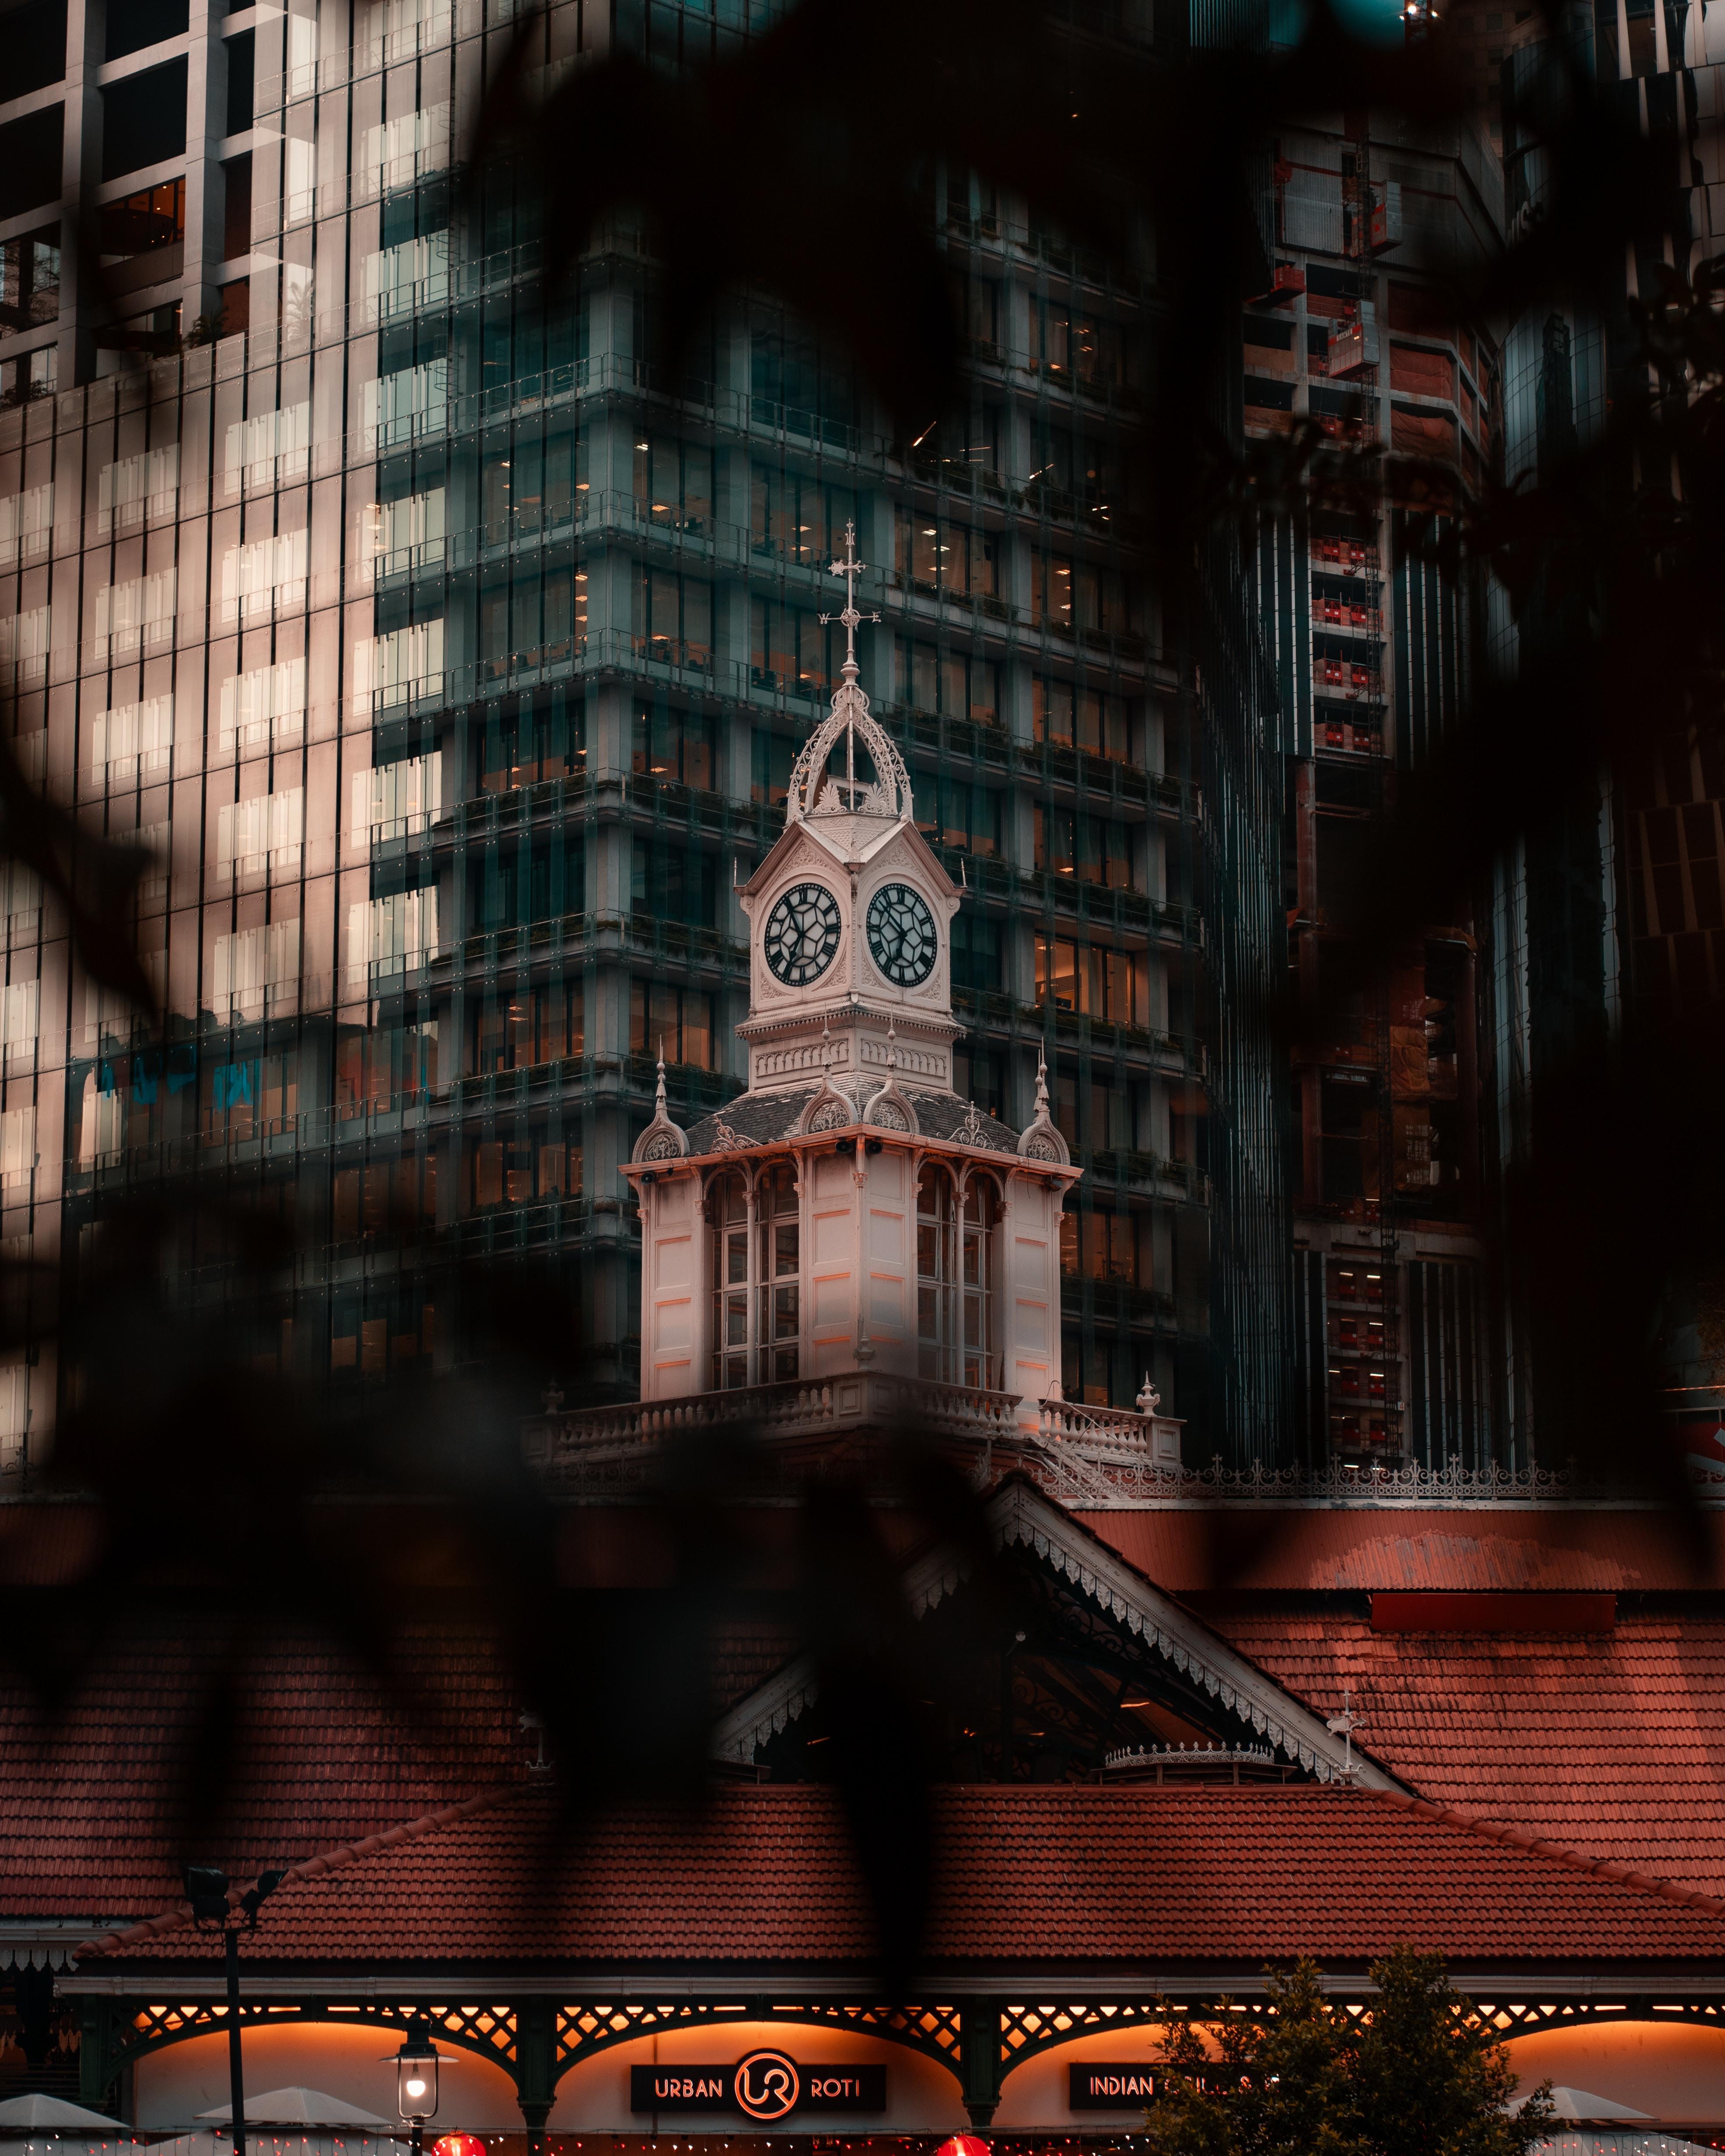 110826 скачать обои Здание, Башня, Город, Городской, Архитектура, Города - заставки и картинки бесплатно